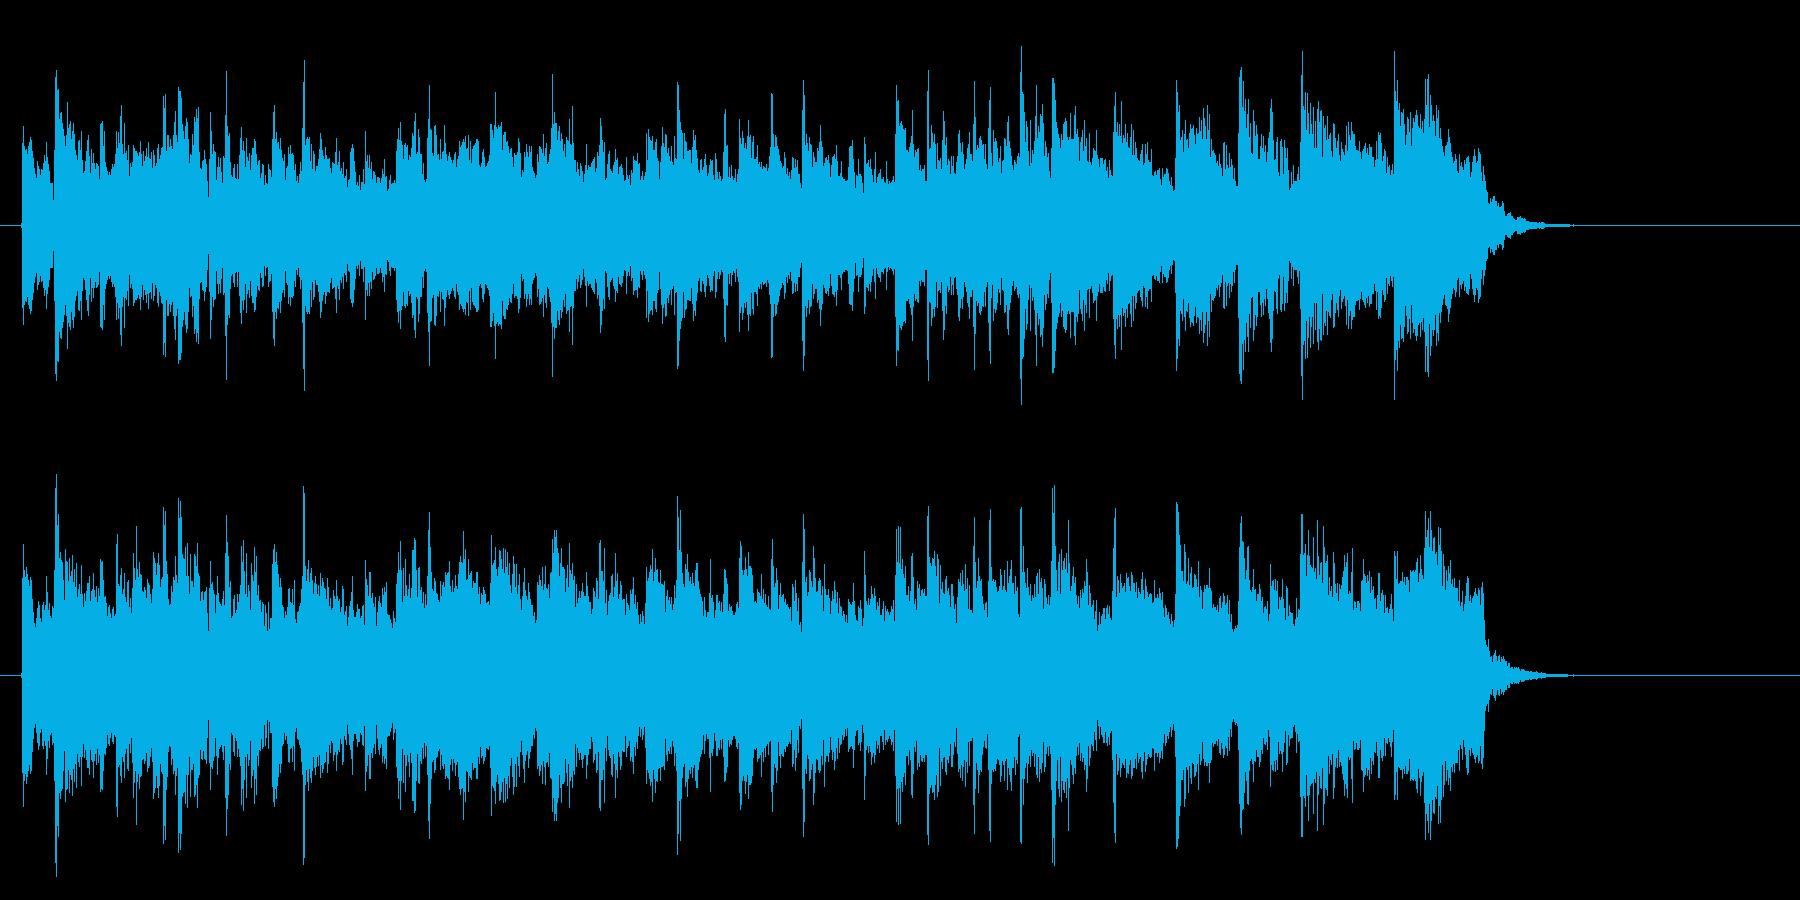 アコースティックバラード(サビ~エンド)の再生済みの波形